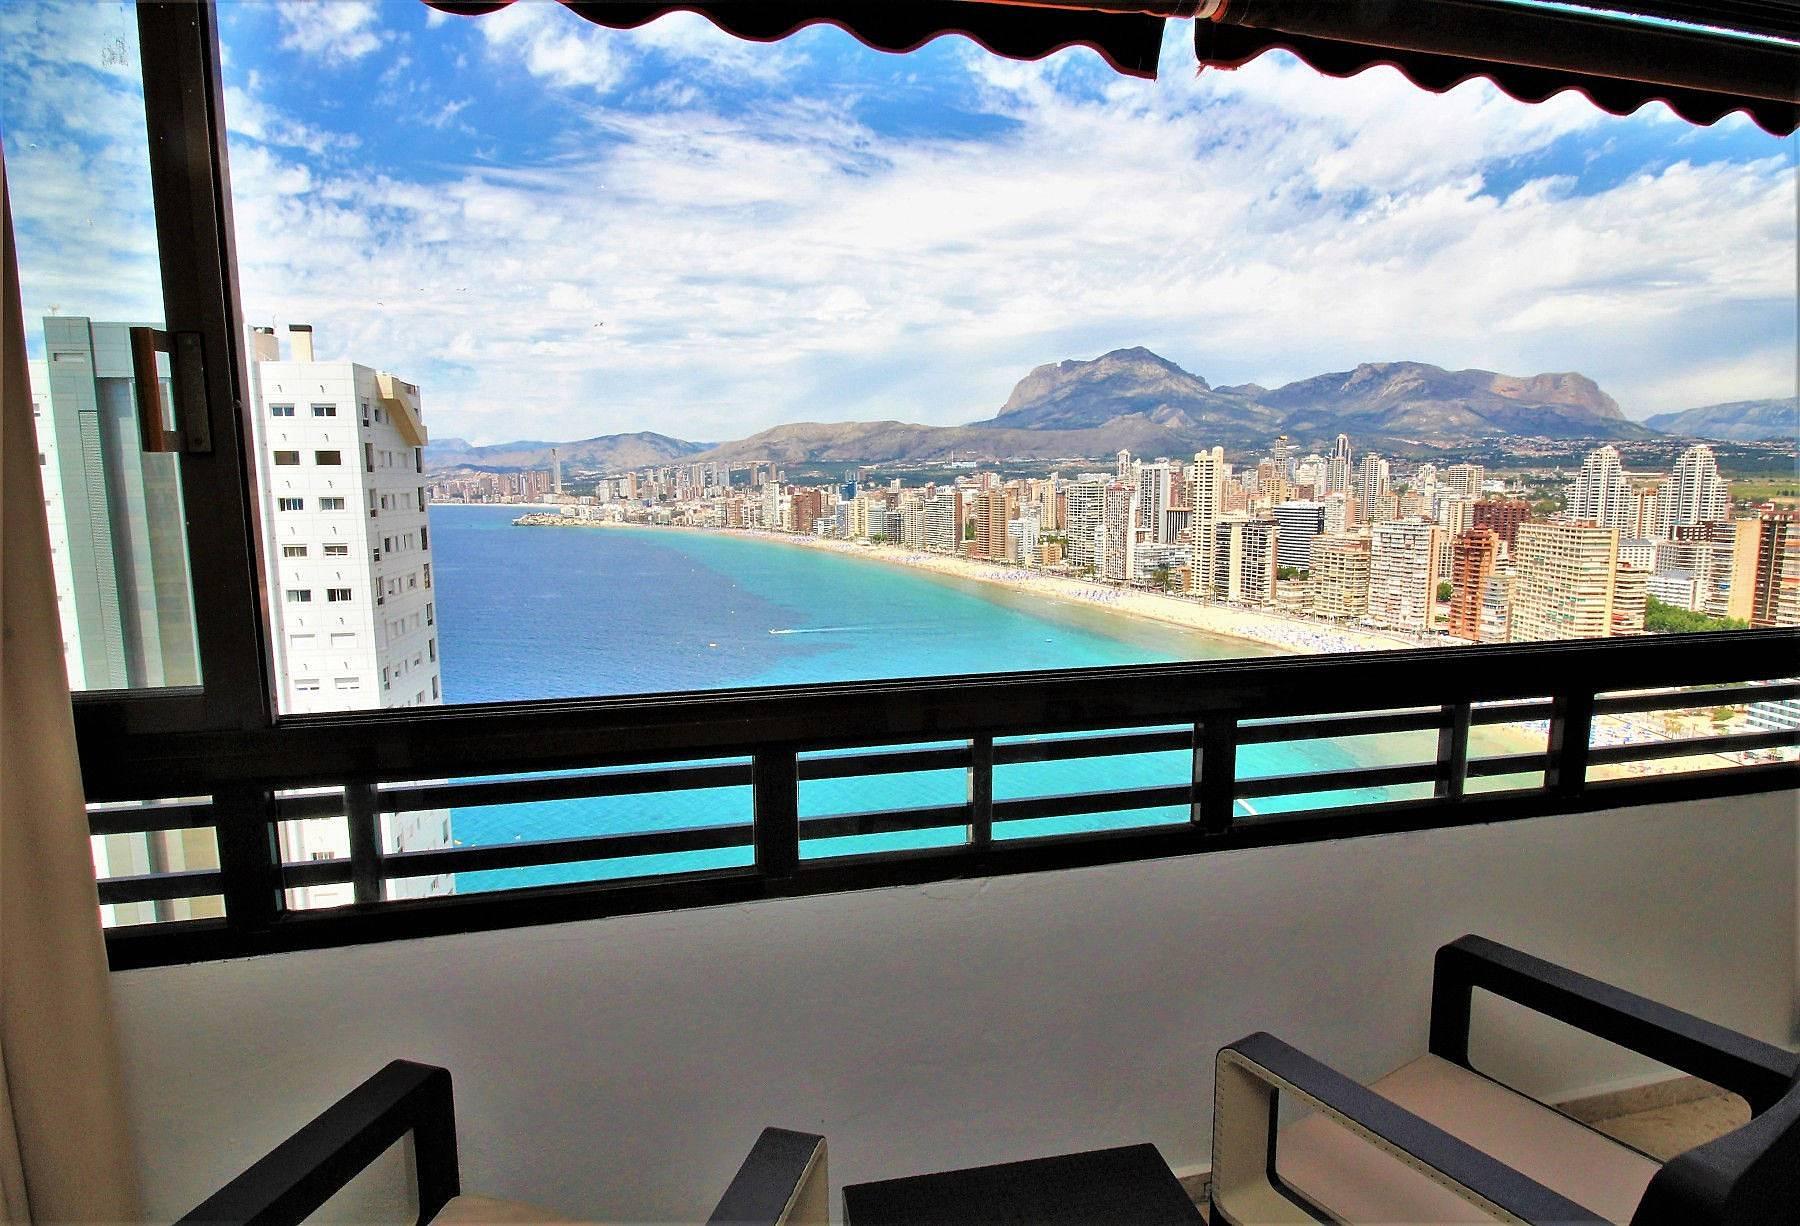 Apartamento en alquiler en coblanca coblanca benidorm alicante costa blanca - Apartamentos alicante alquiler ...